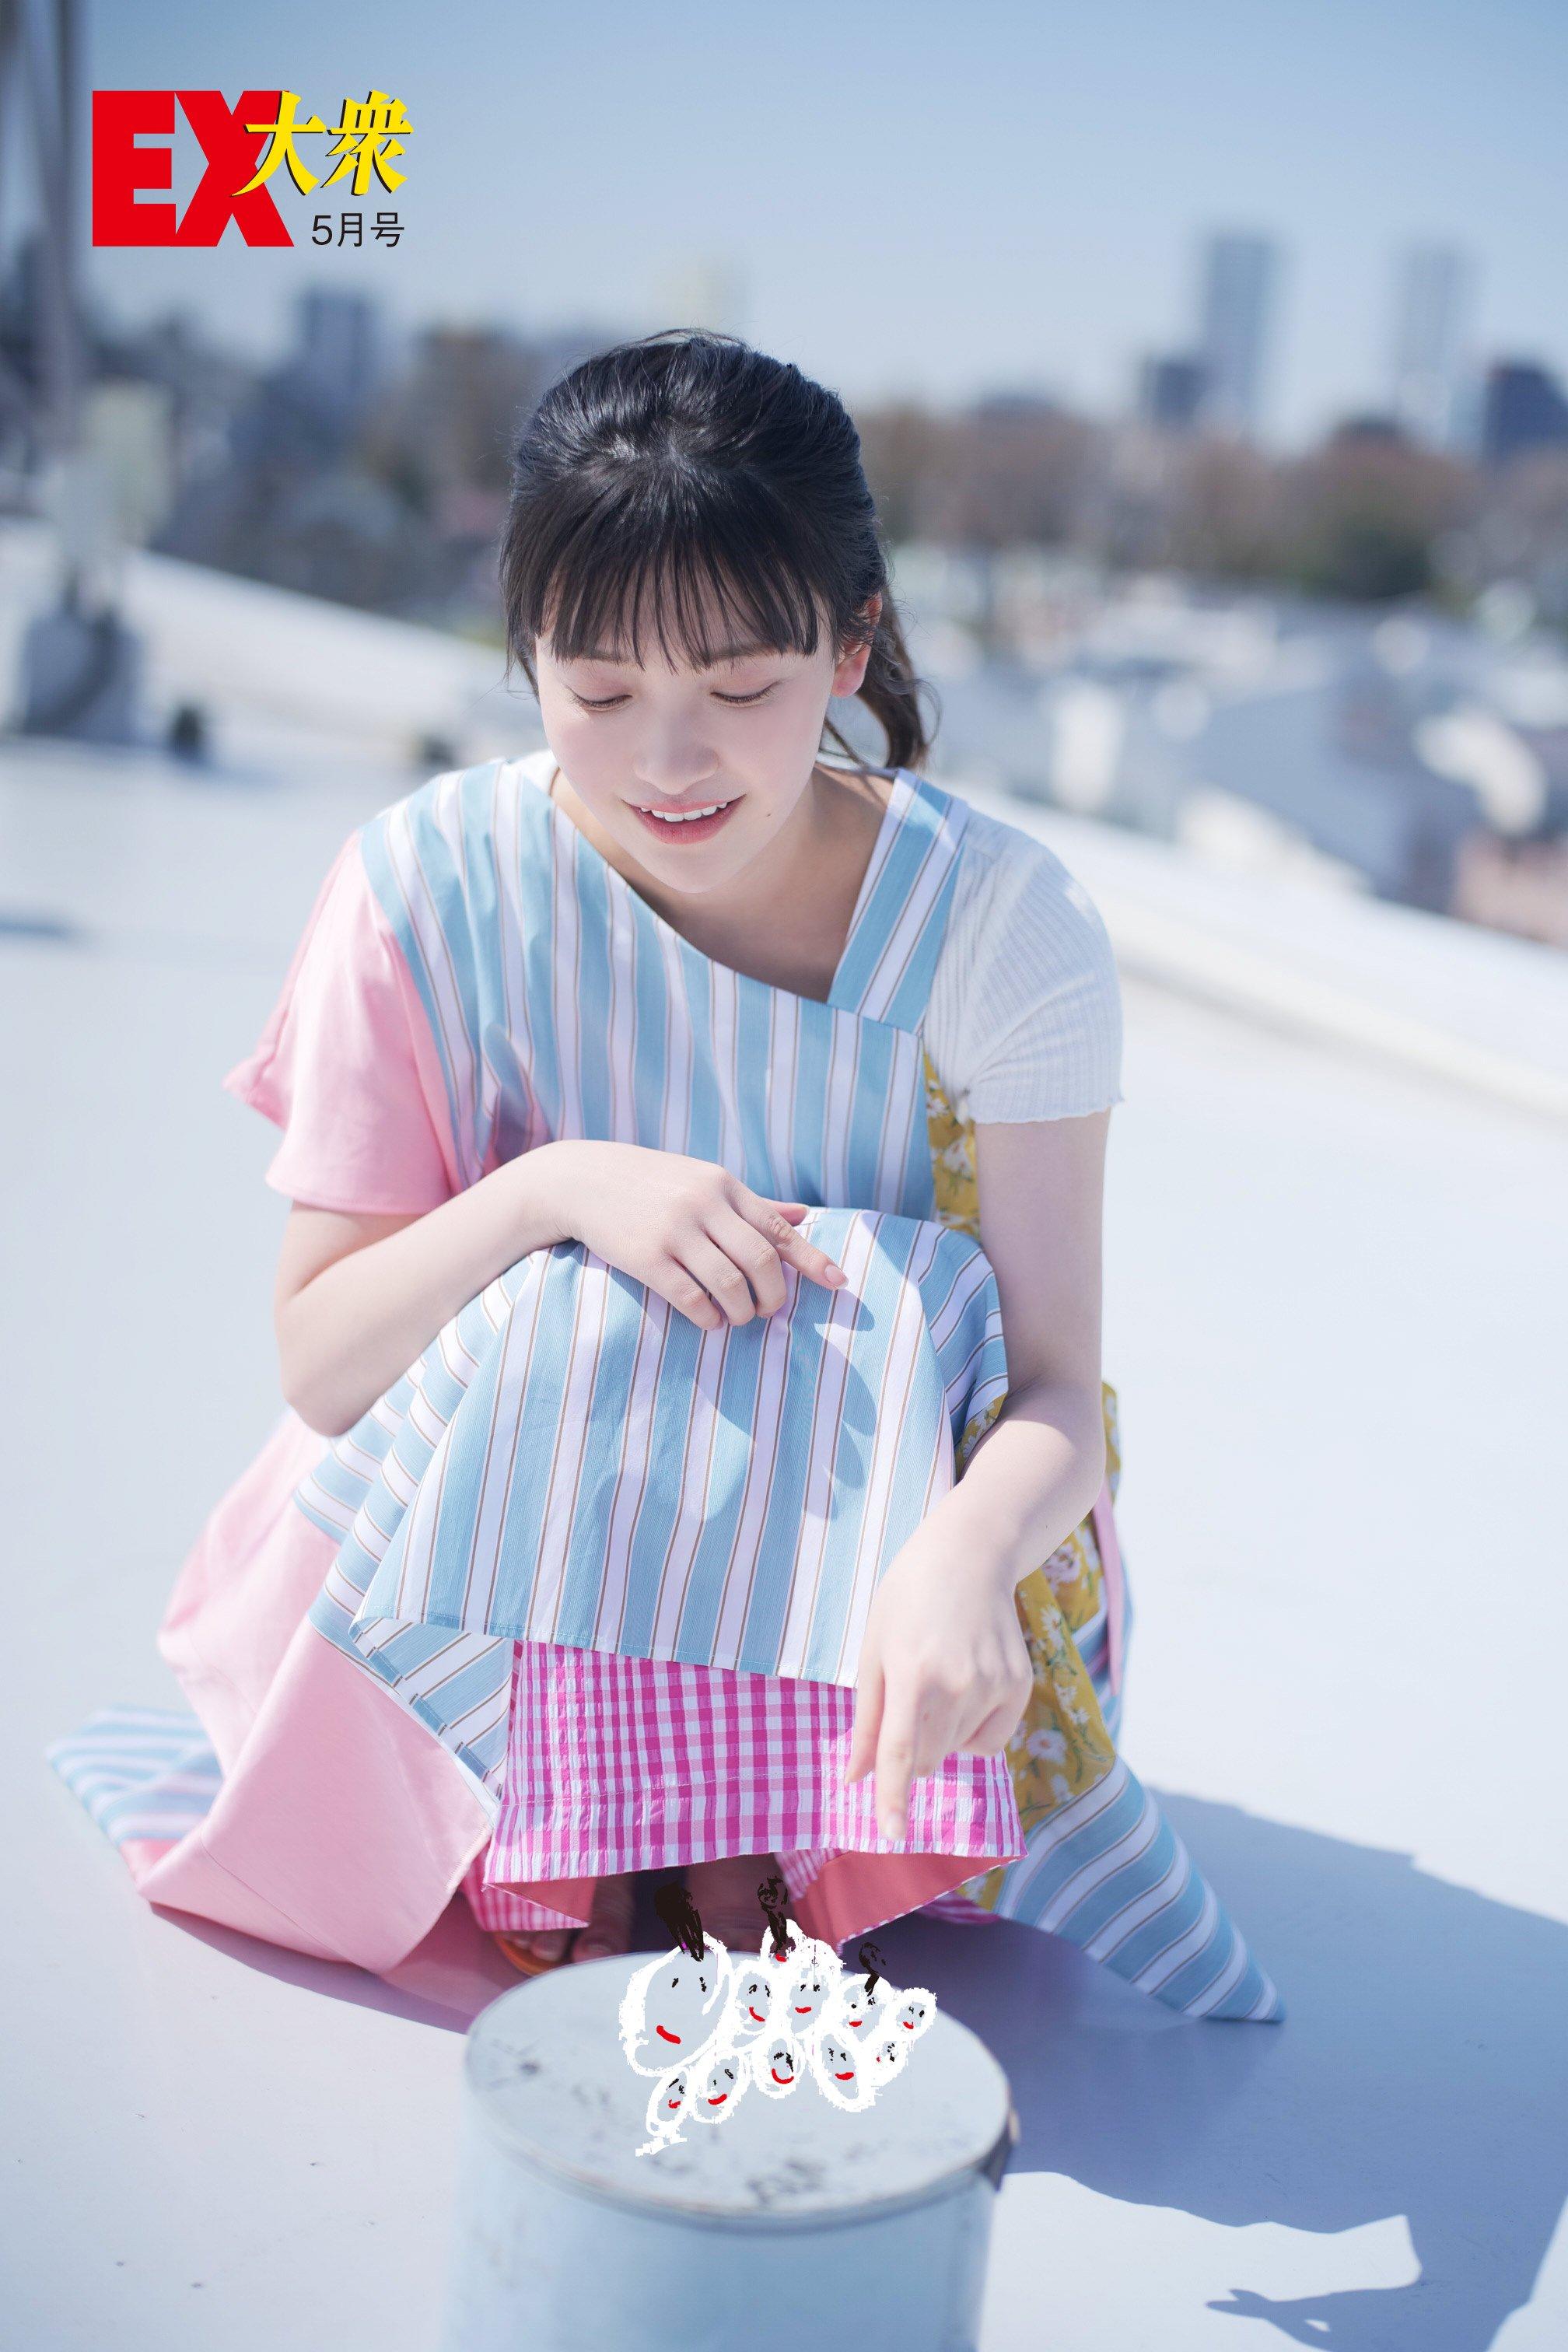 櫻坂46大沼晶保の本誌未掲載カット4枚を大公開!【EX大衆5月号】の画像004